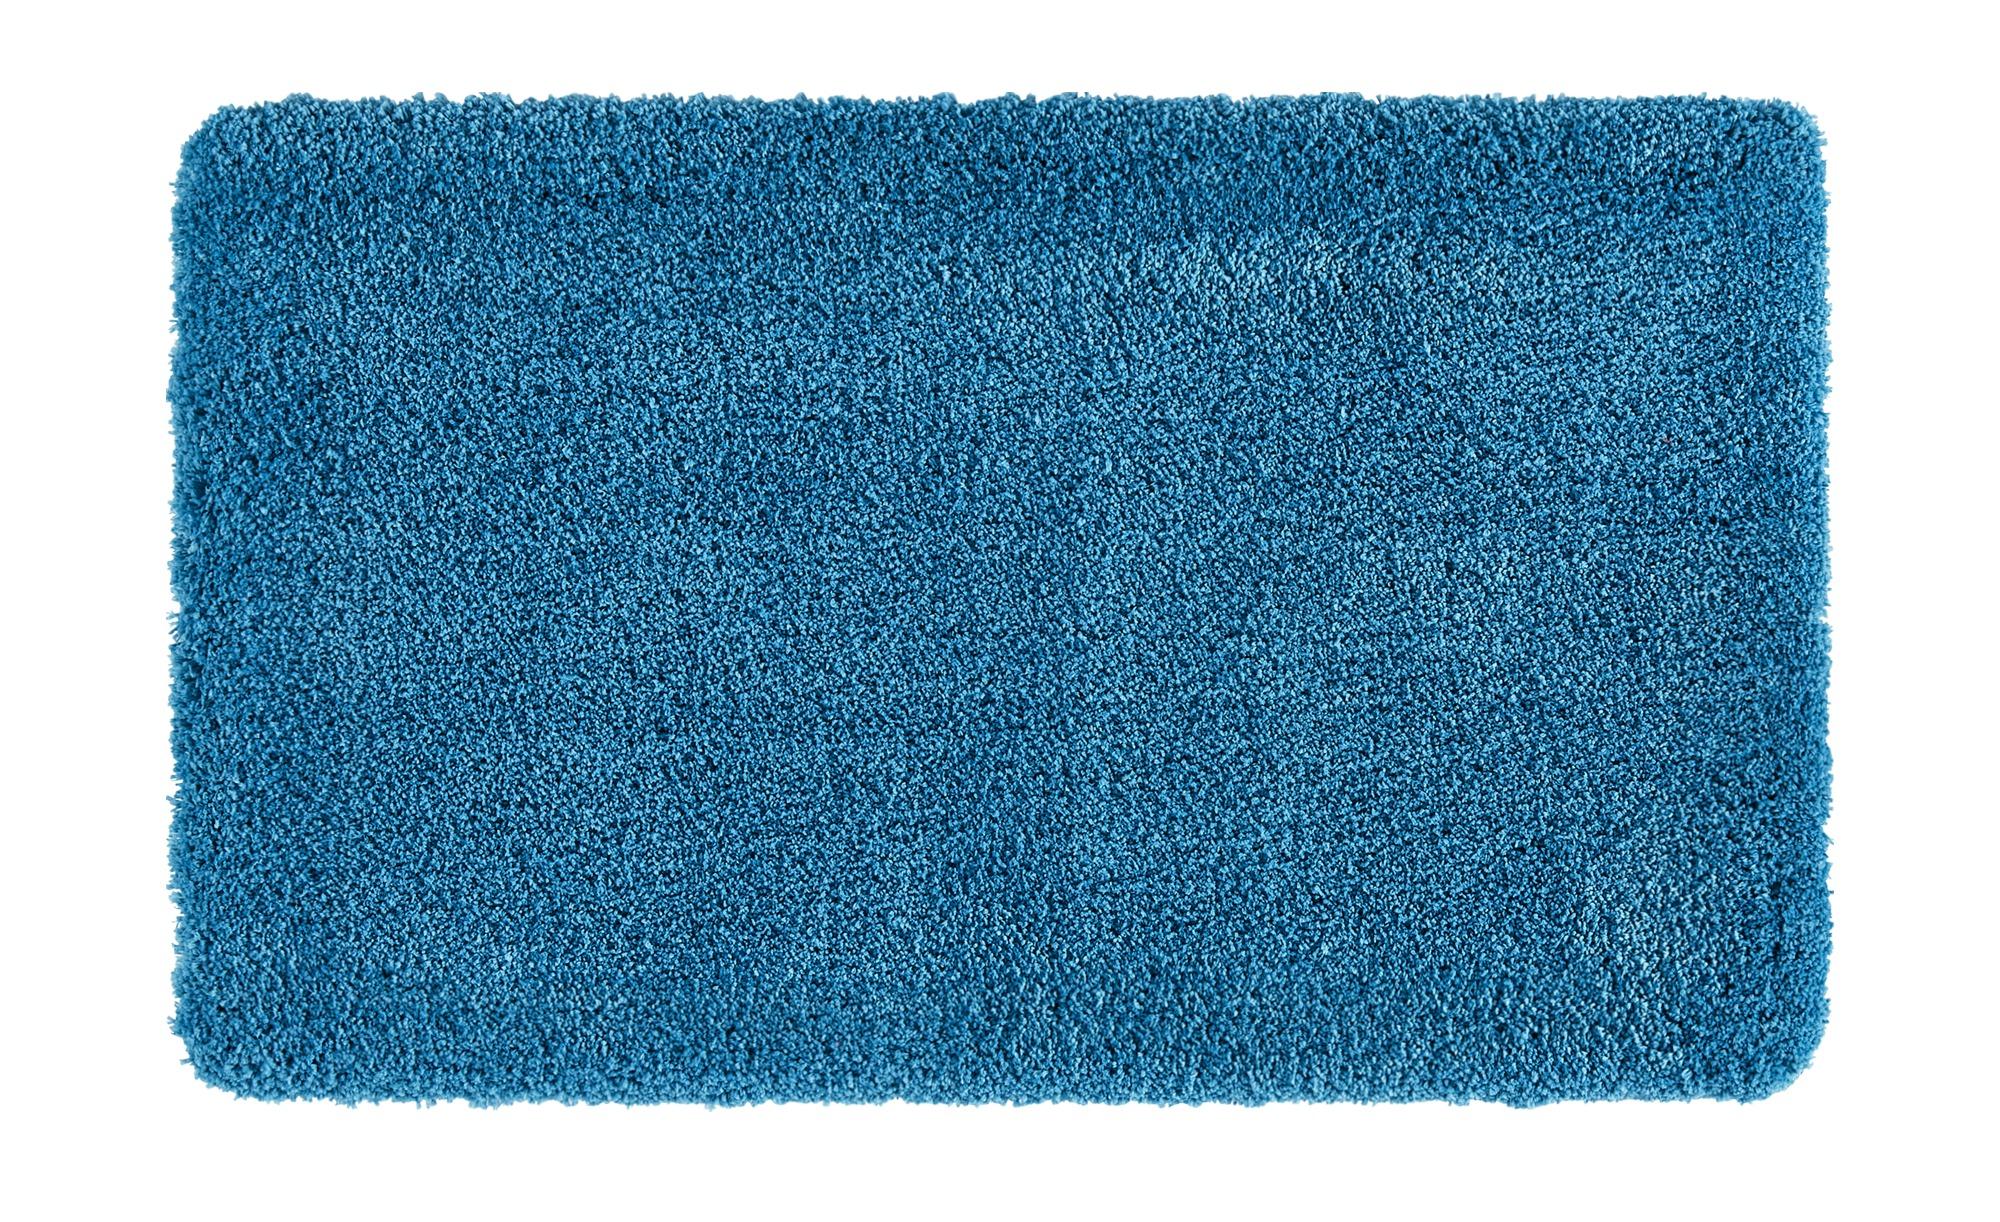 HOME STORY Badteppich  Softy ¦ türkis/petrol ¦ 100% Polyester ¦ Maße (cm): B: 70 Badtextilien und Zubehör > Badematten & Badvorleger - Höffner